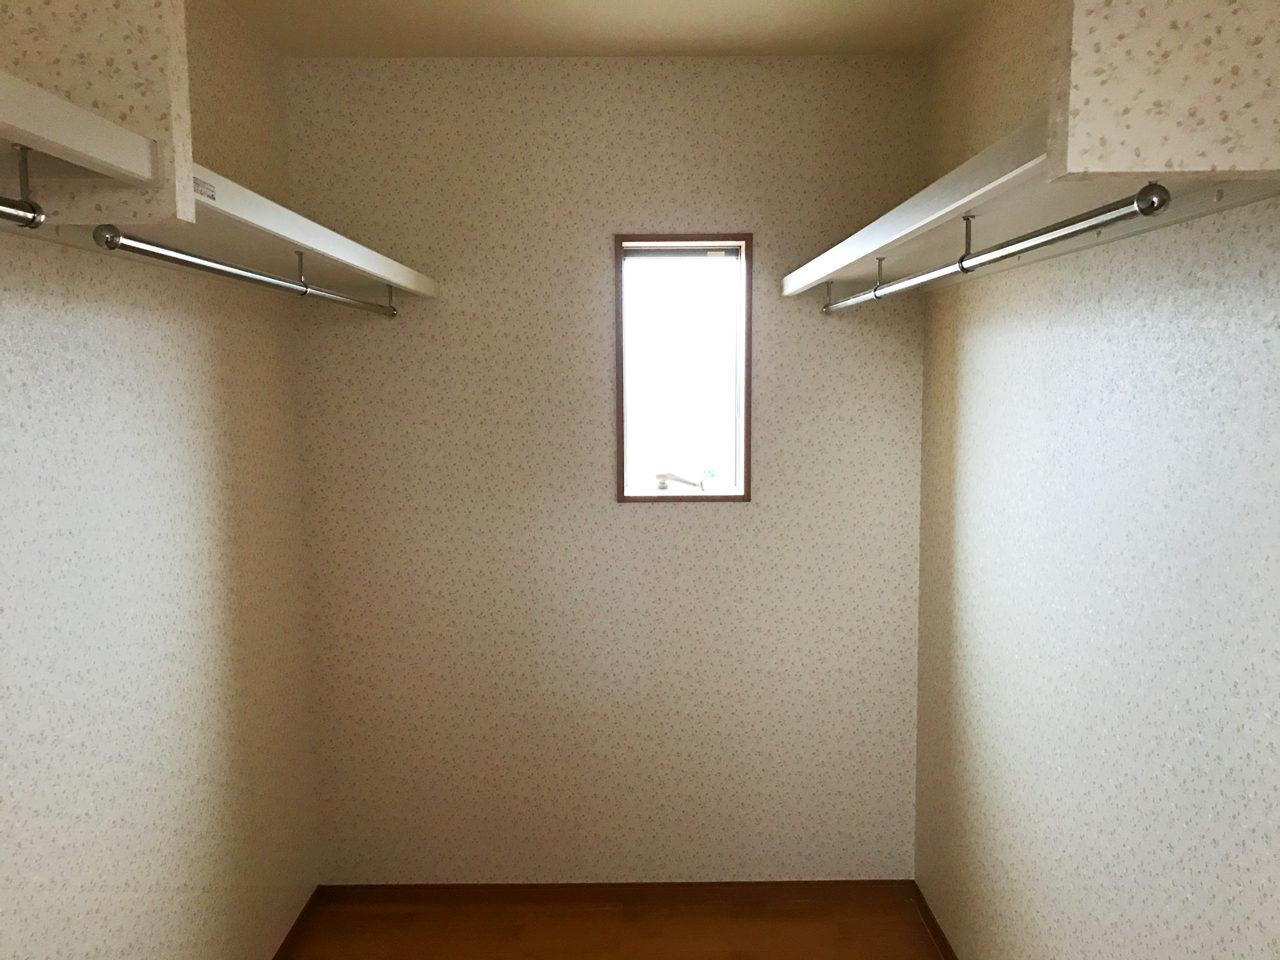 レディース治療院(はり・あん・マッサージ)付き二世帯住宅のウォークインクロゼット